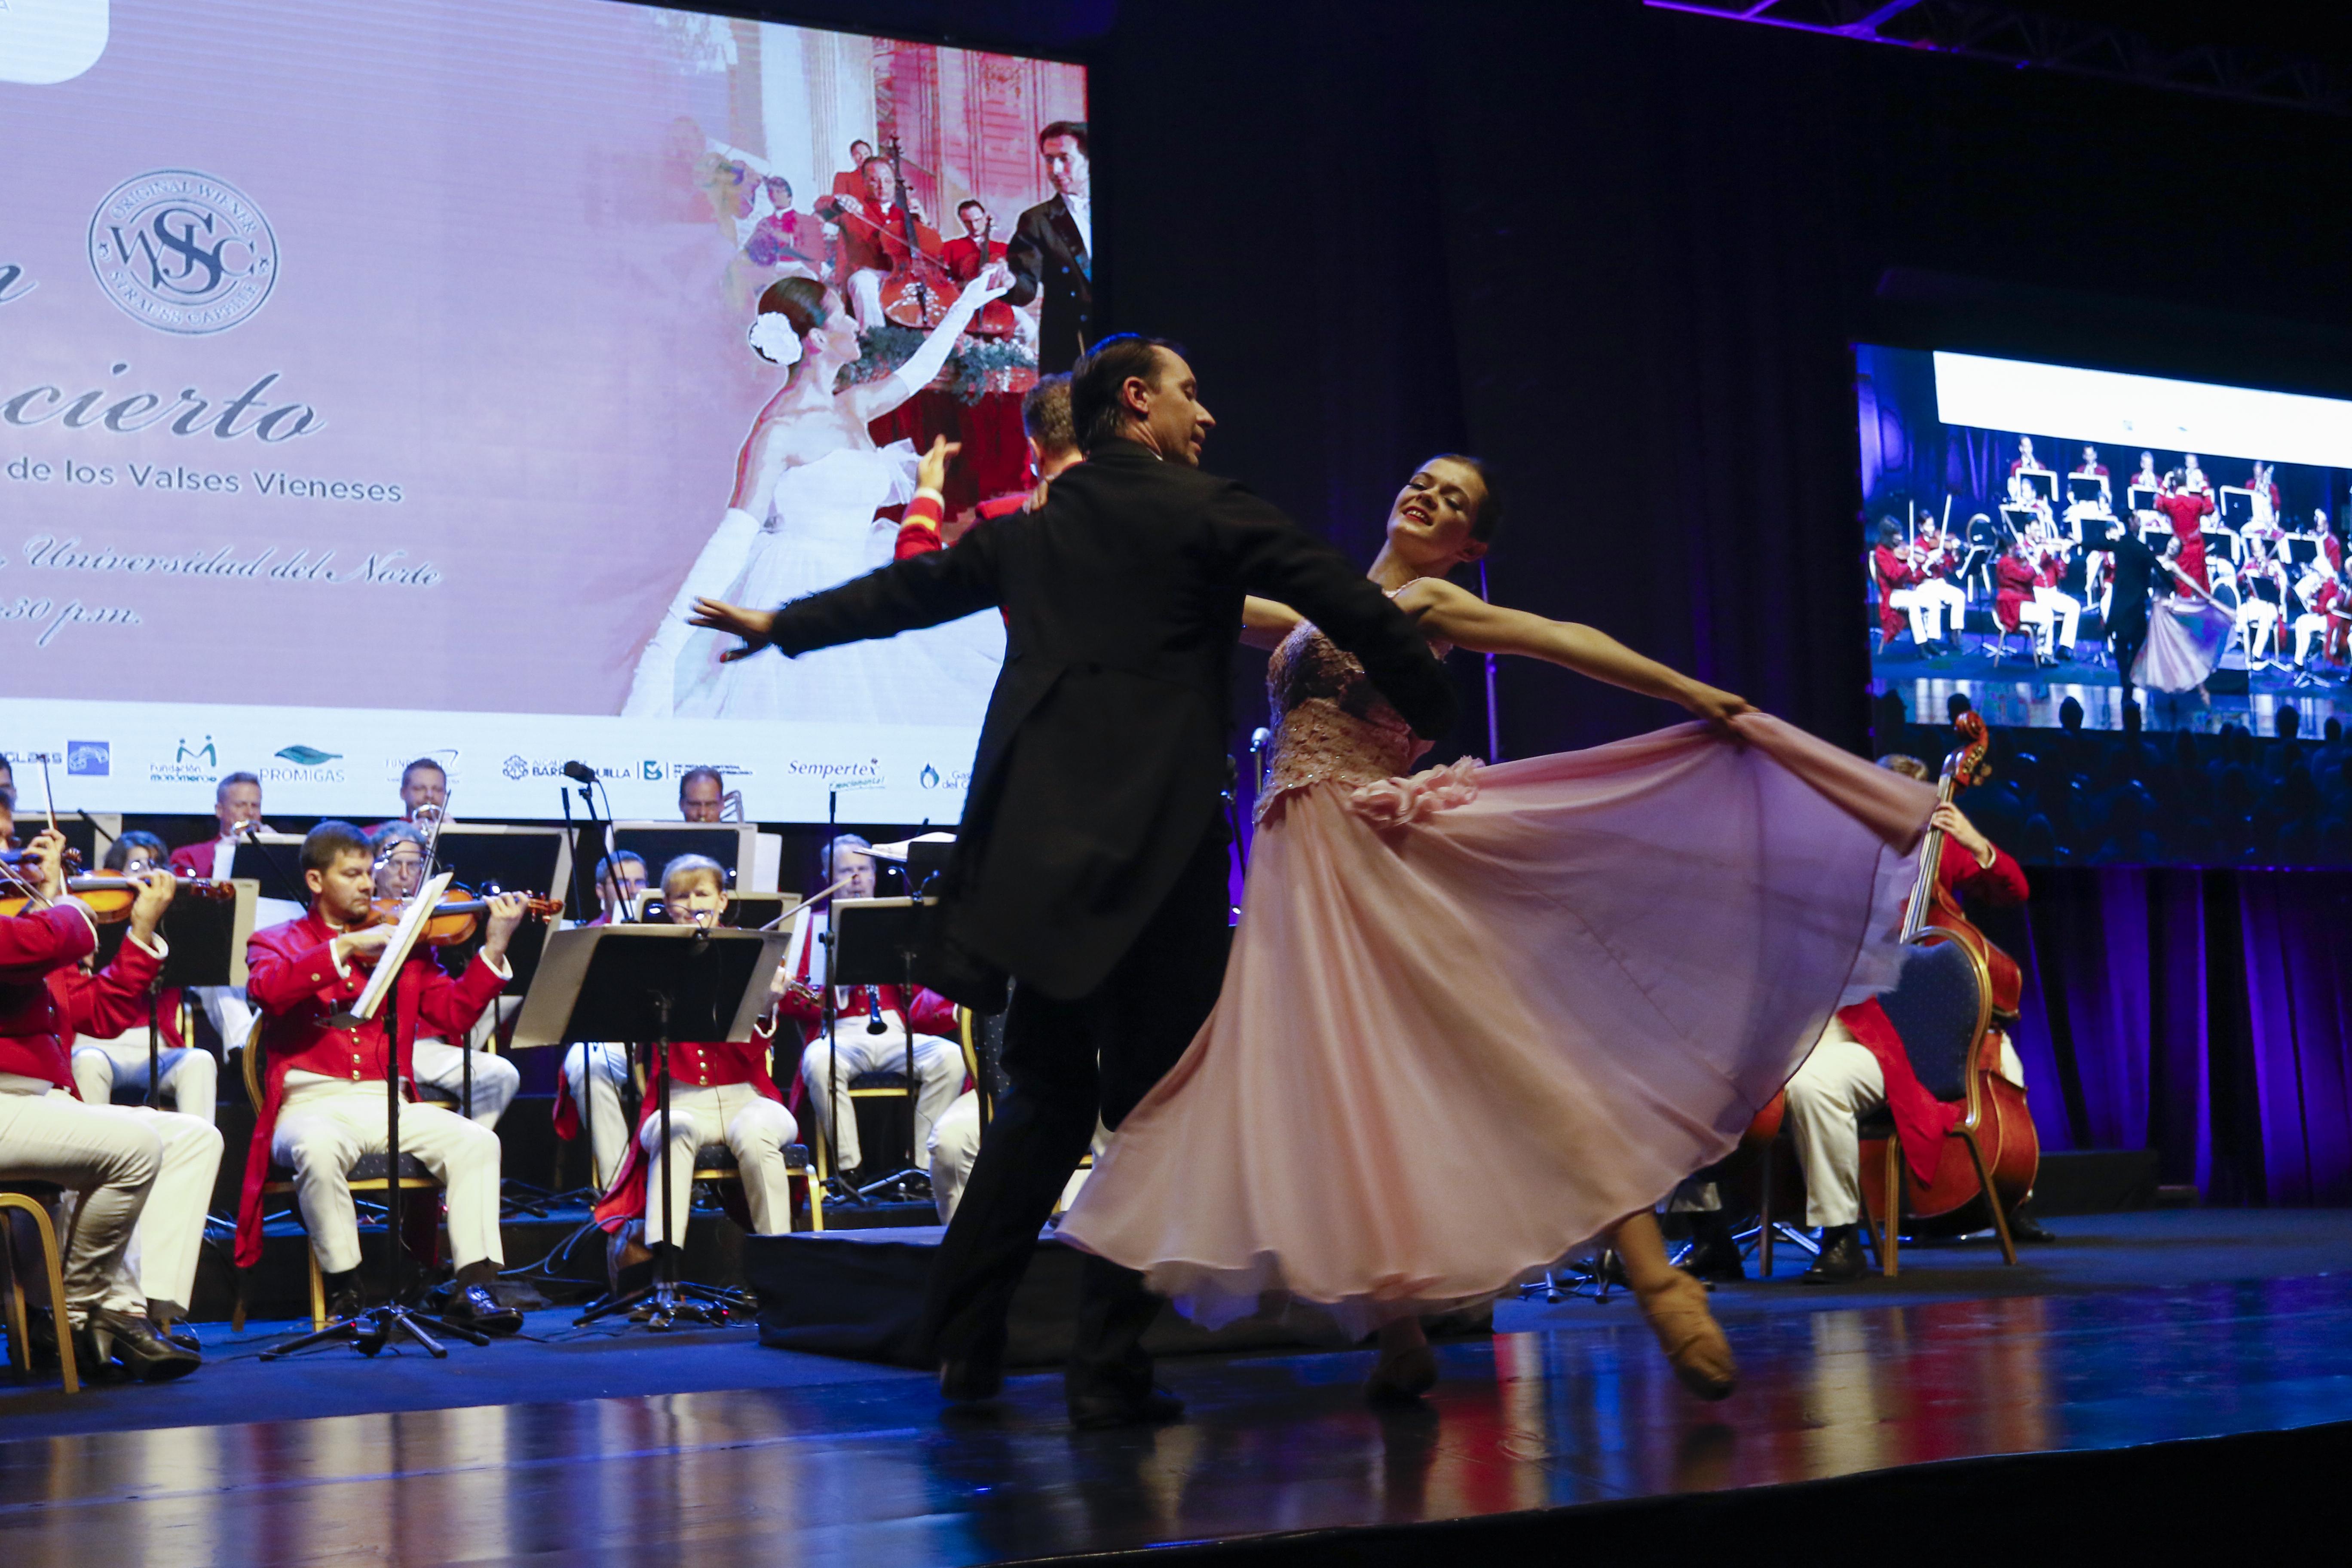 Los bailarines danzan el vals 'El danubio azul'.